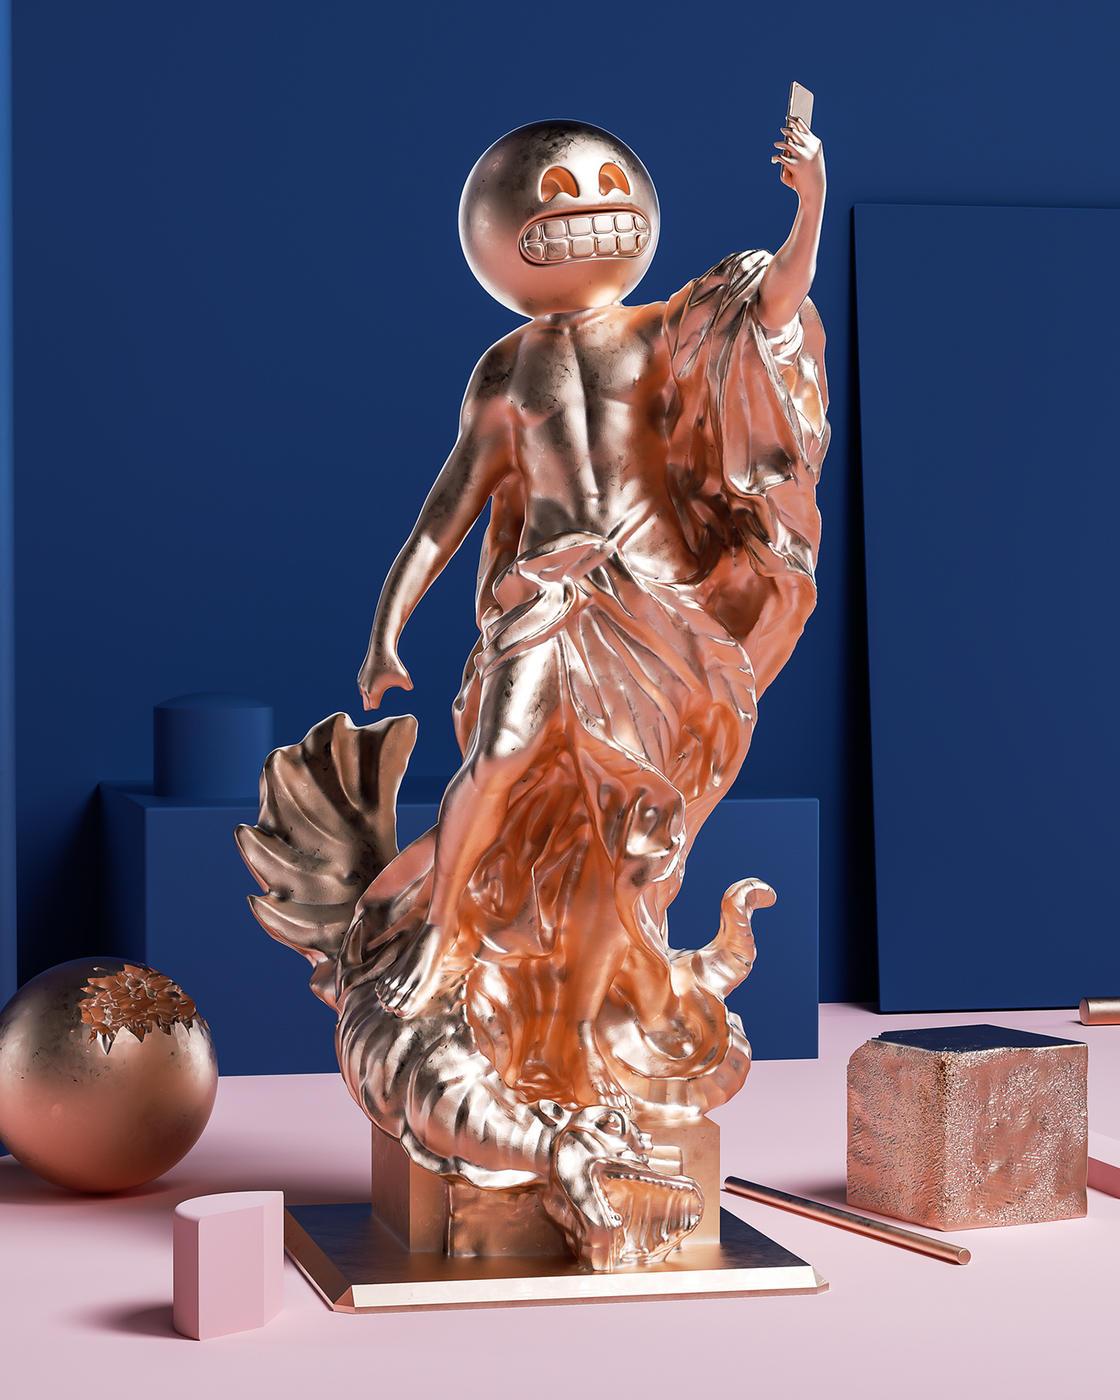 Sculptmojis, quando emoji e scultura classica si incontrano | Collater.al 5